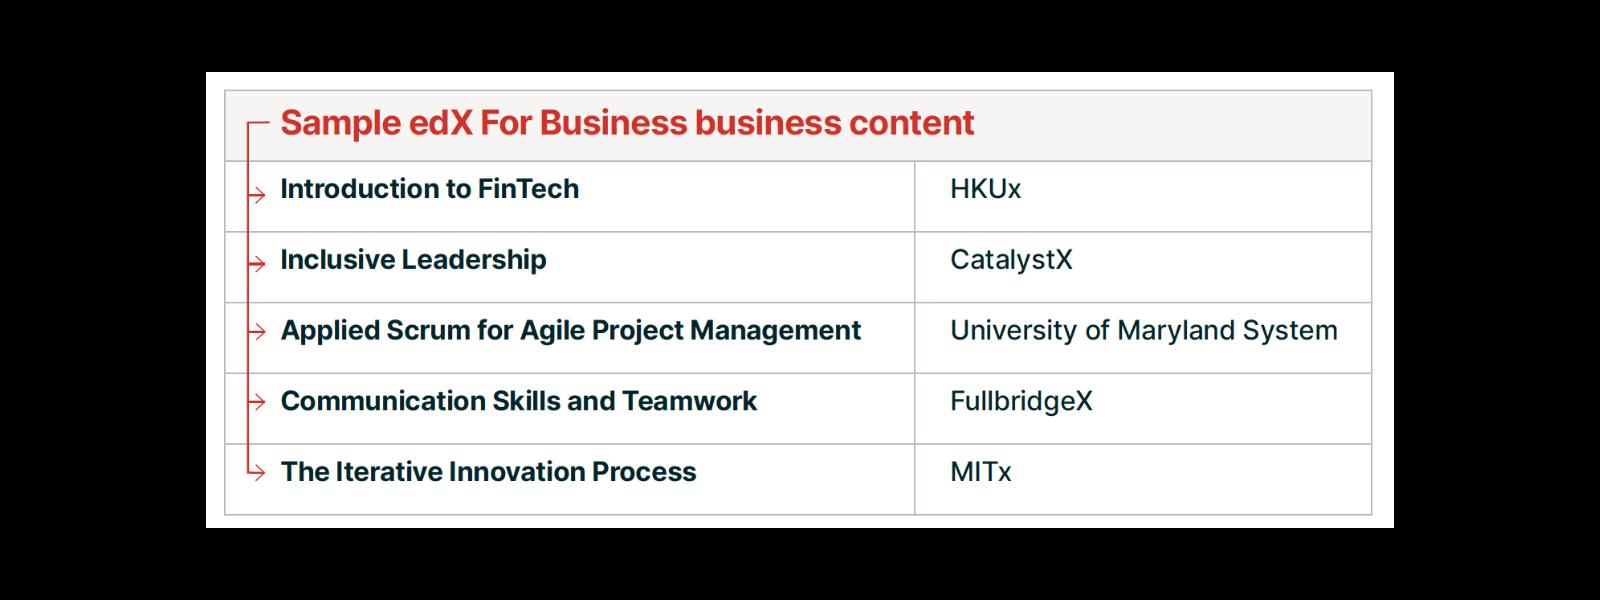 edx-business-courses